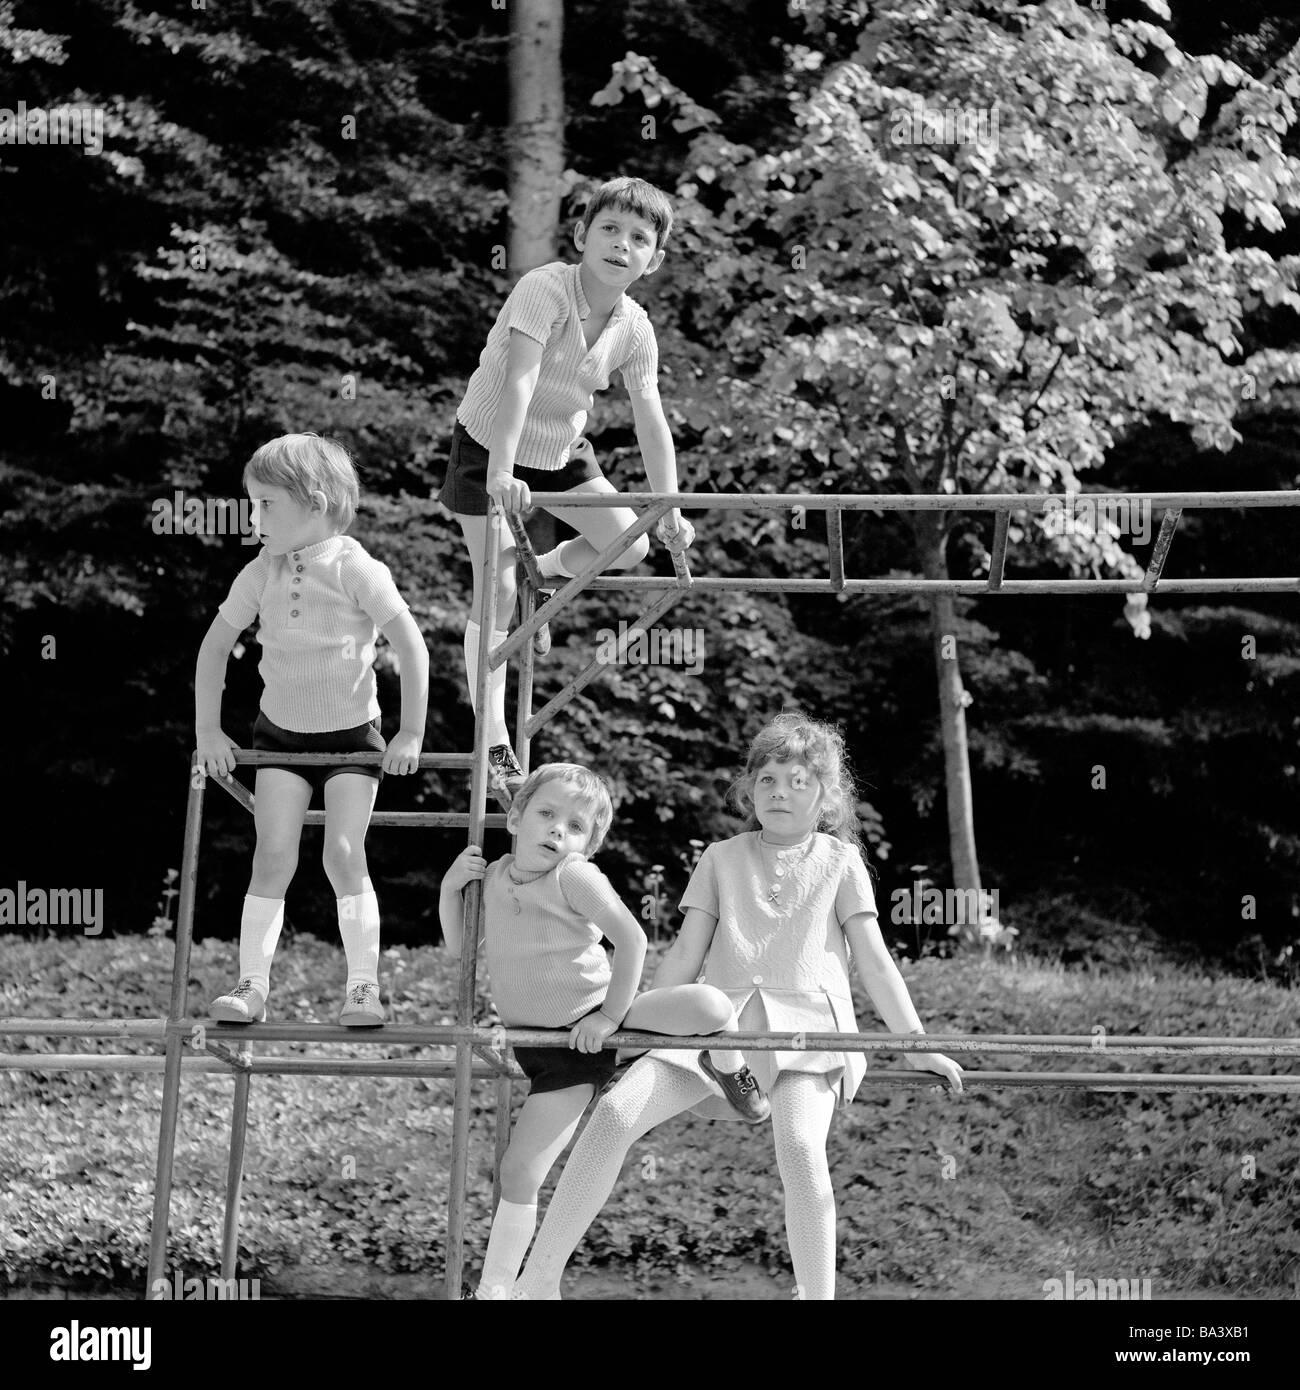 70er jahre schwarz wei foto menschen kinder m dchen und drei jungen auf einem. Black Bedroom Furniture Sets. Home Design Ideas